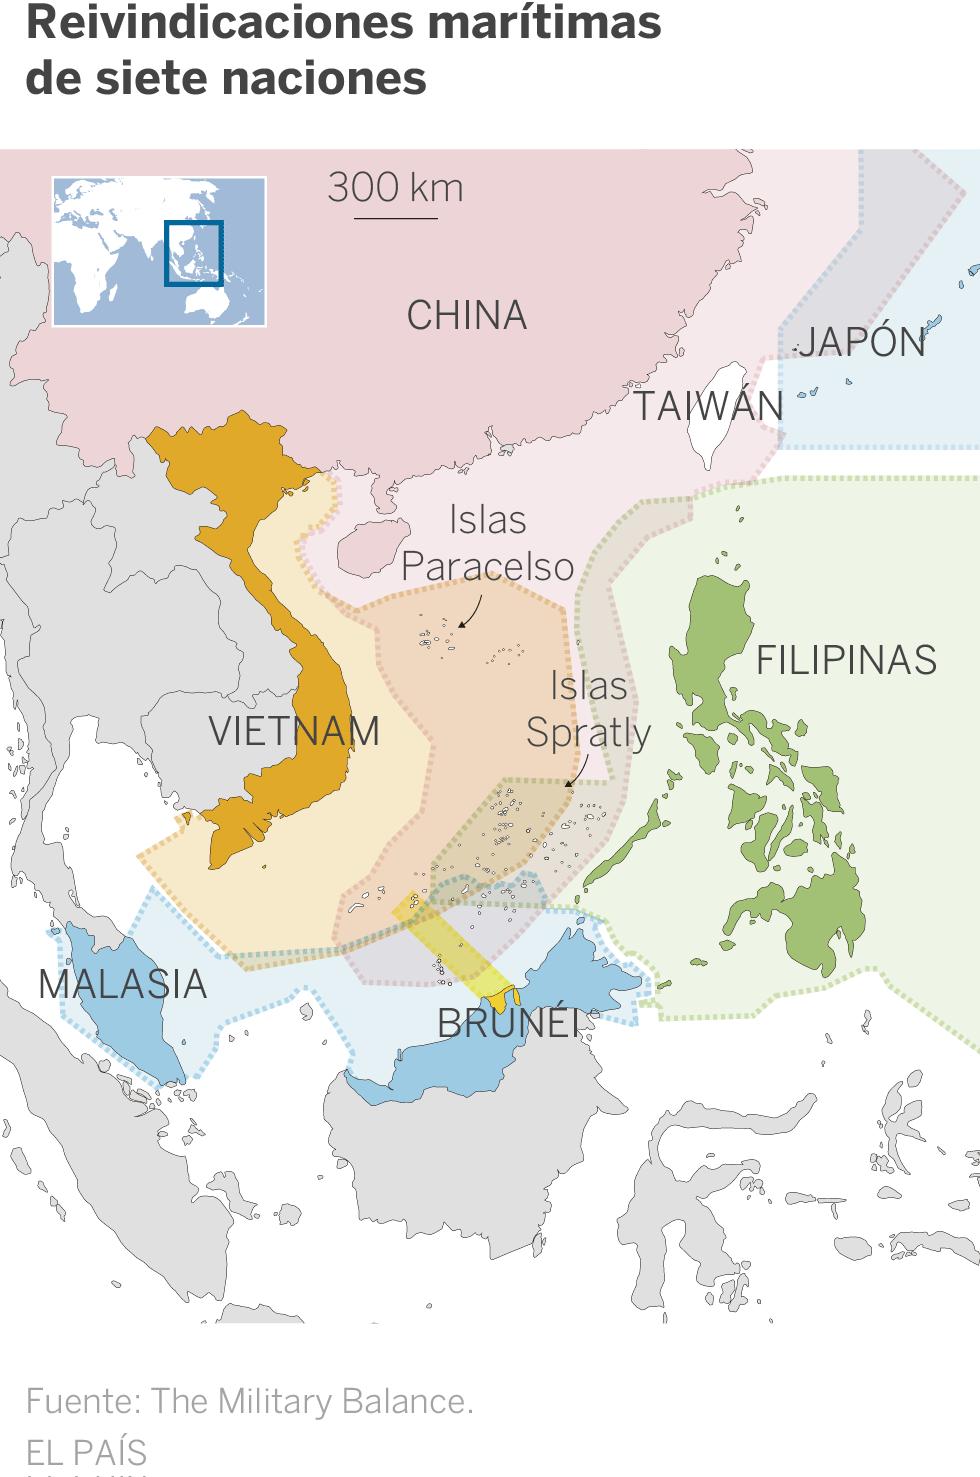 La expansión de la Armada china pone en alerta a EE UU